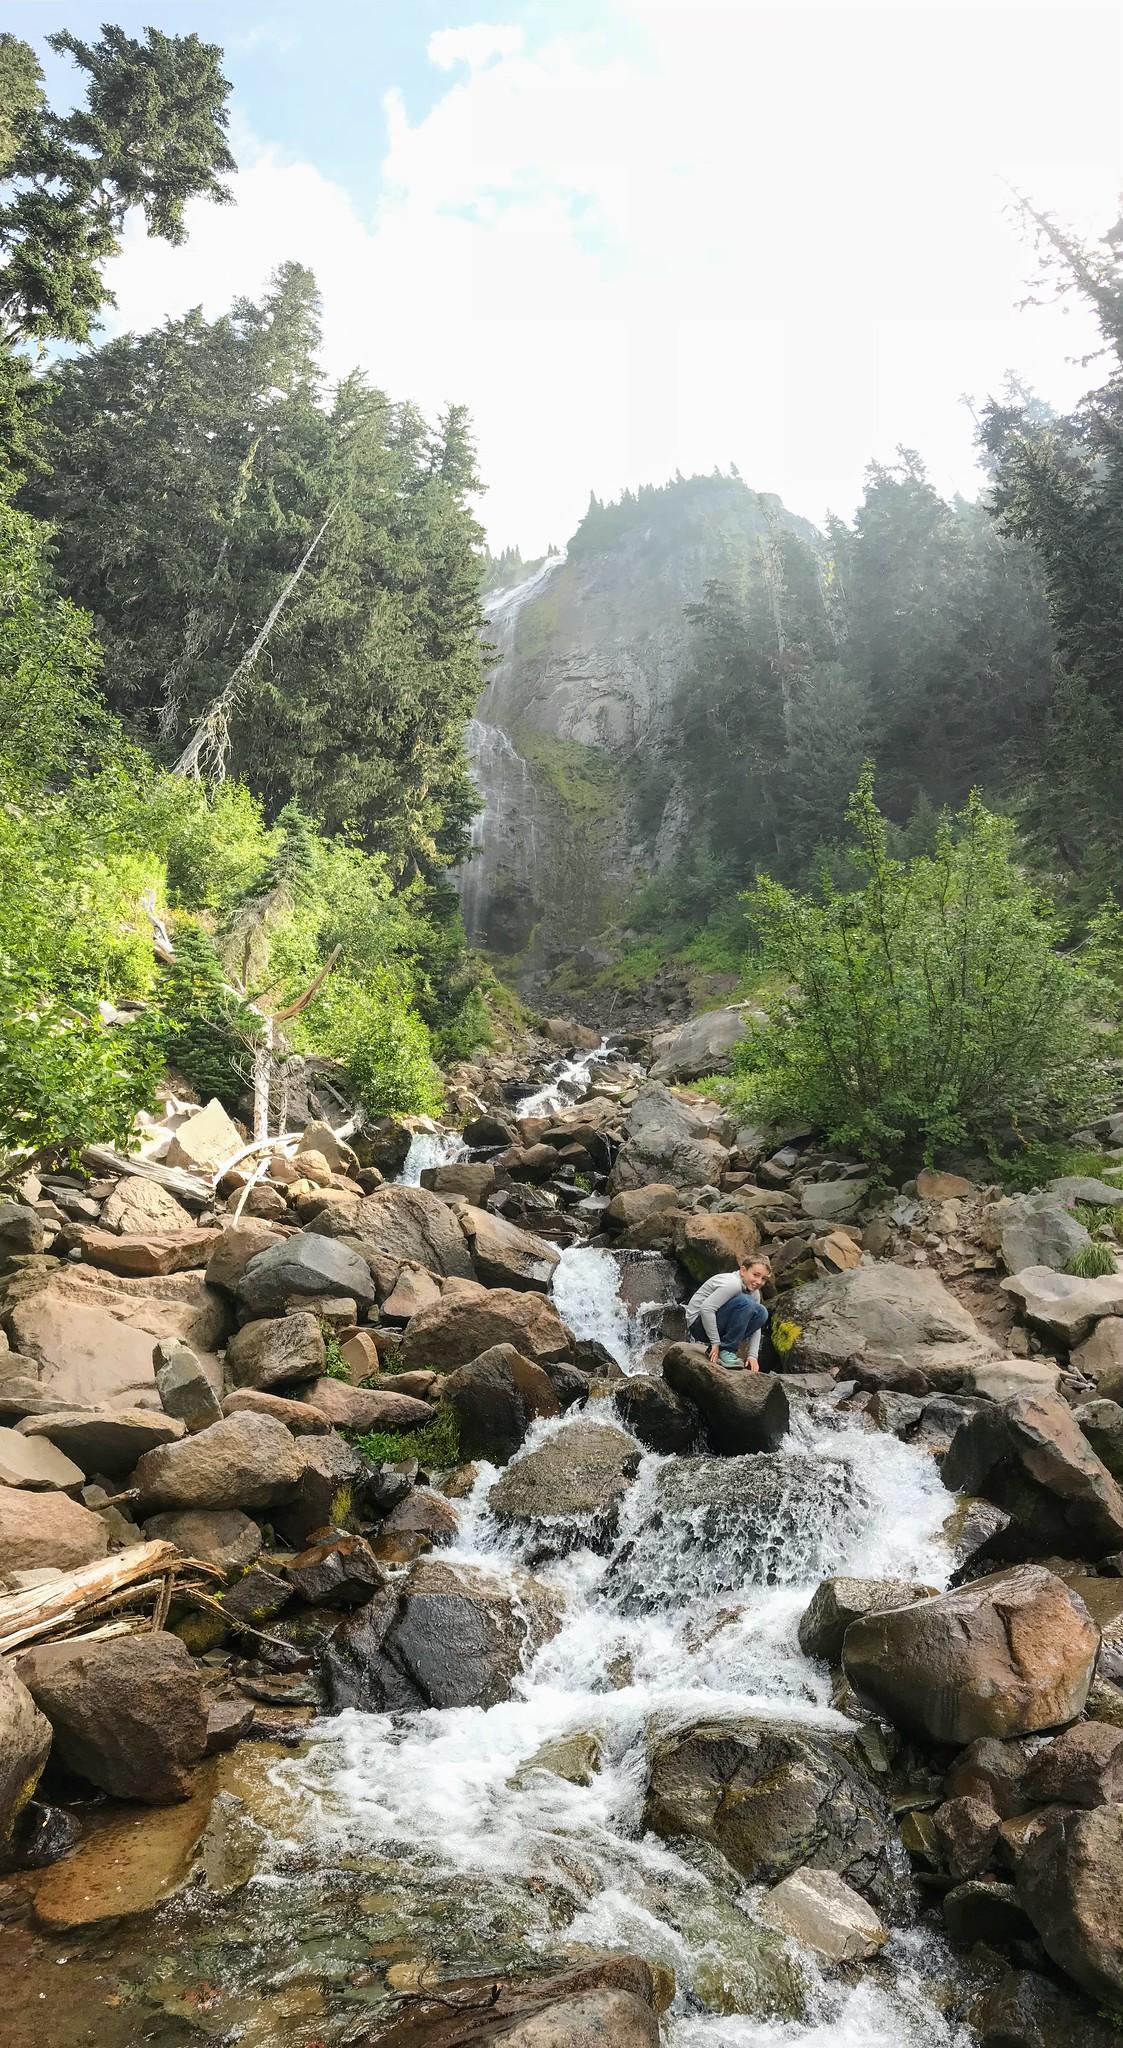 Casper below a waterfall